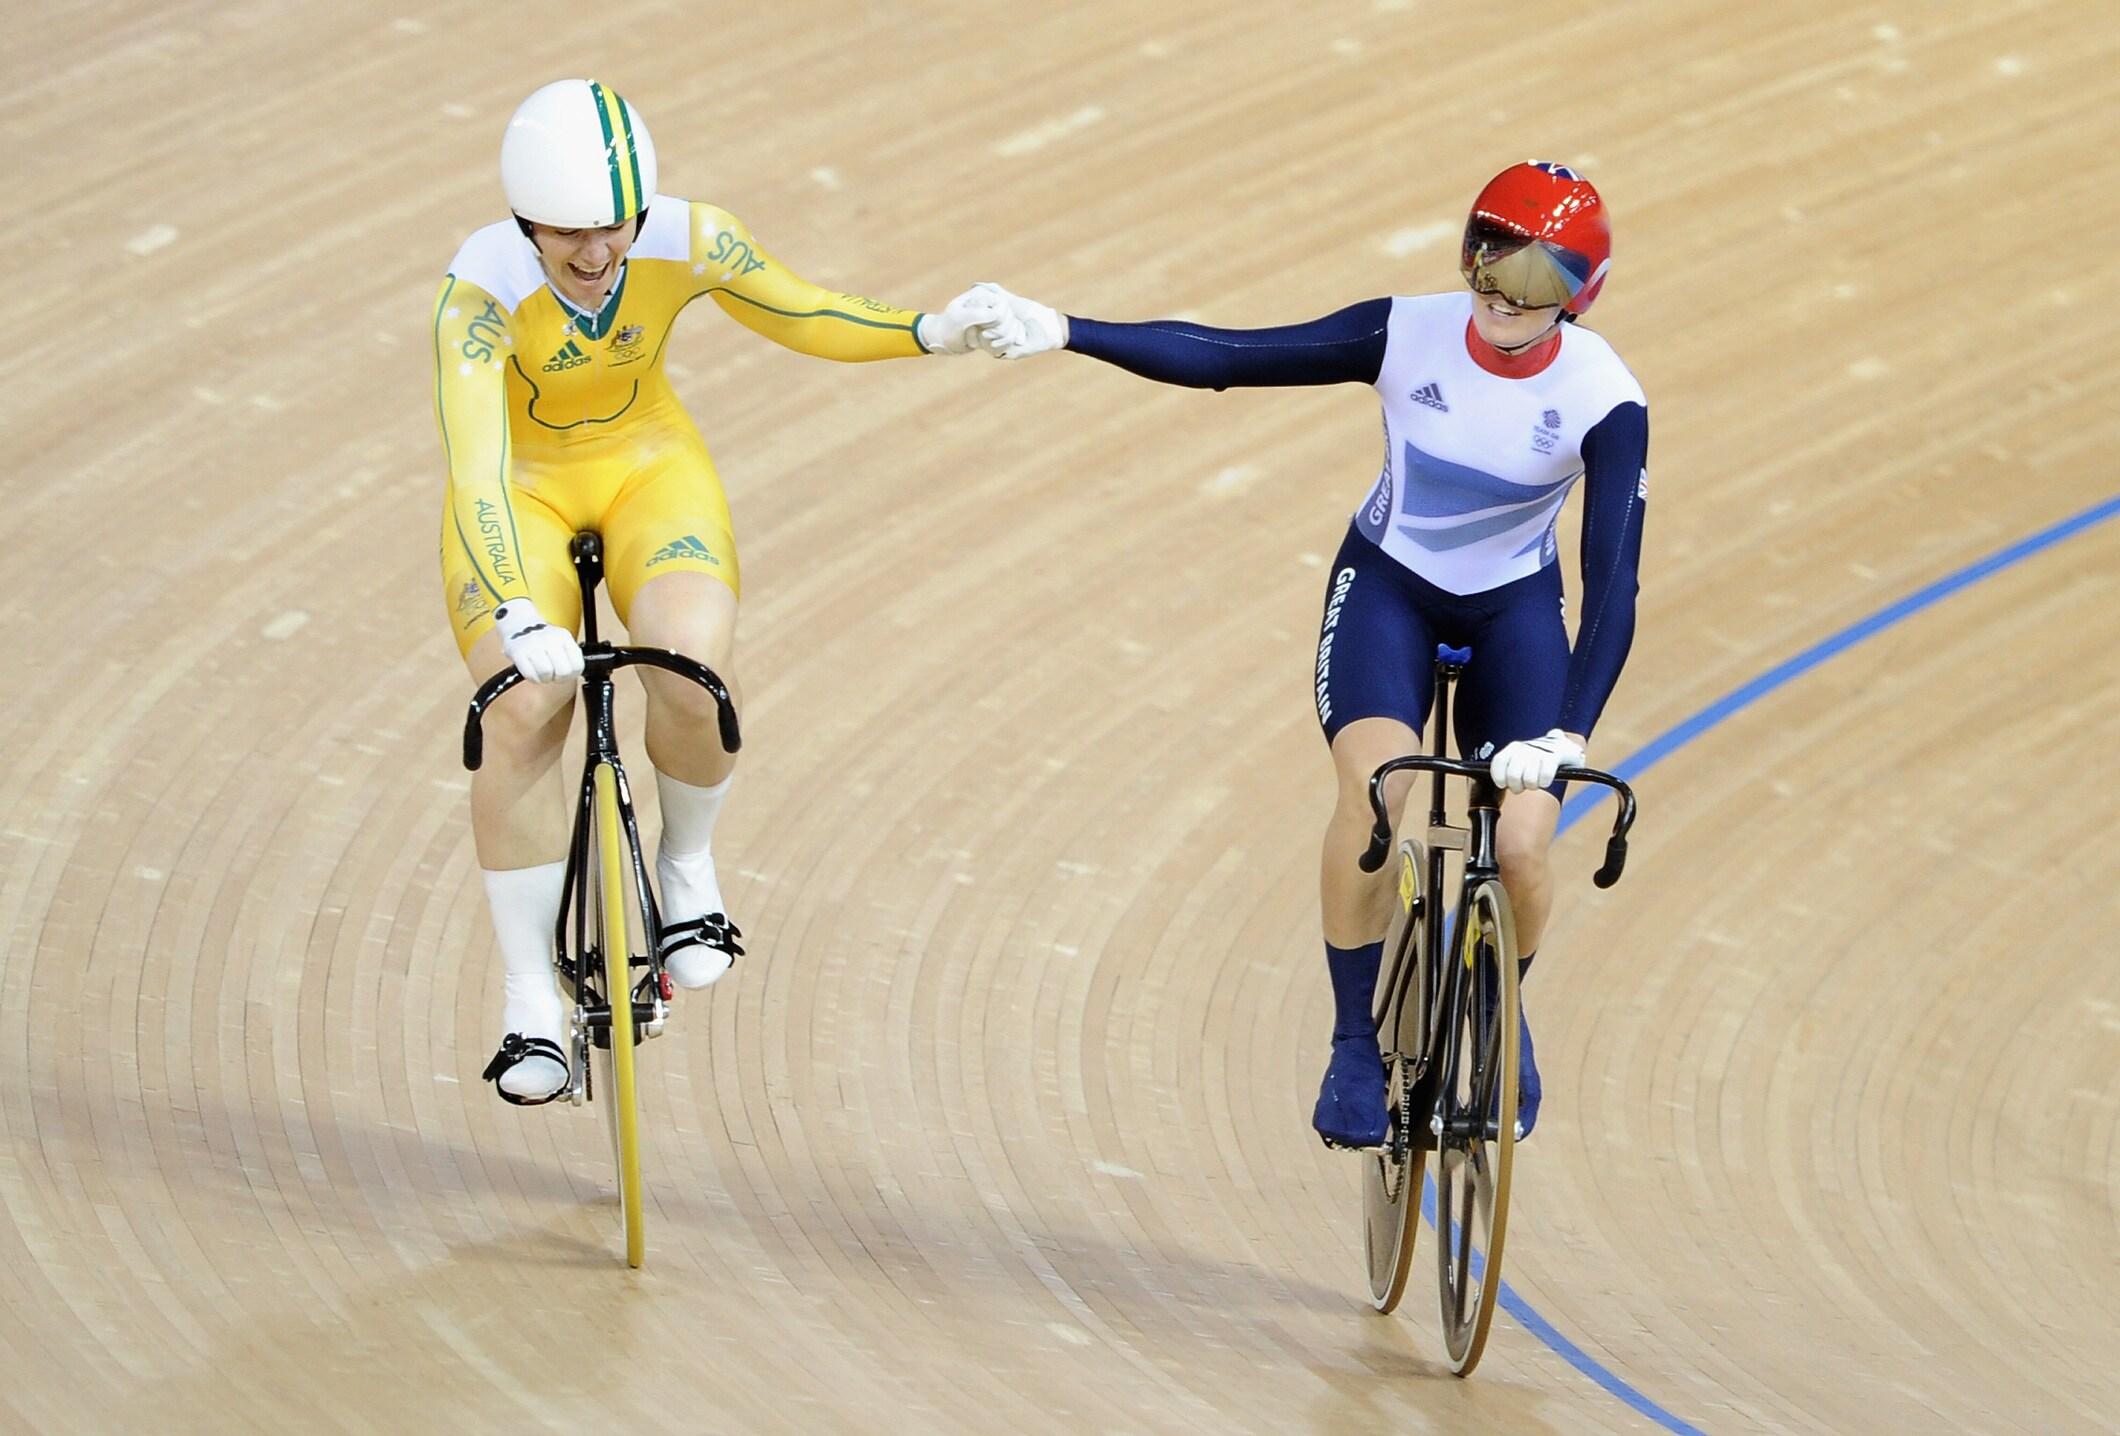 Cyclisme sur piste à Londres 2012